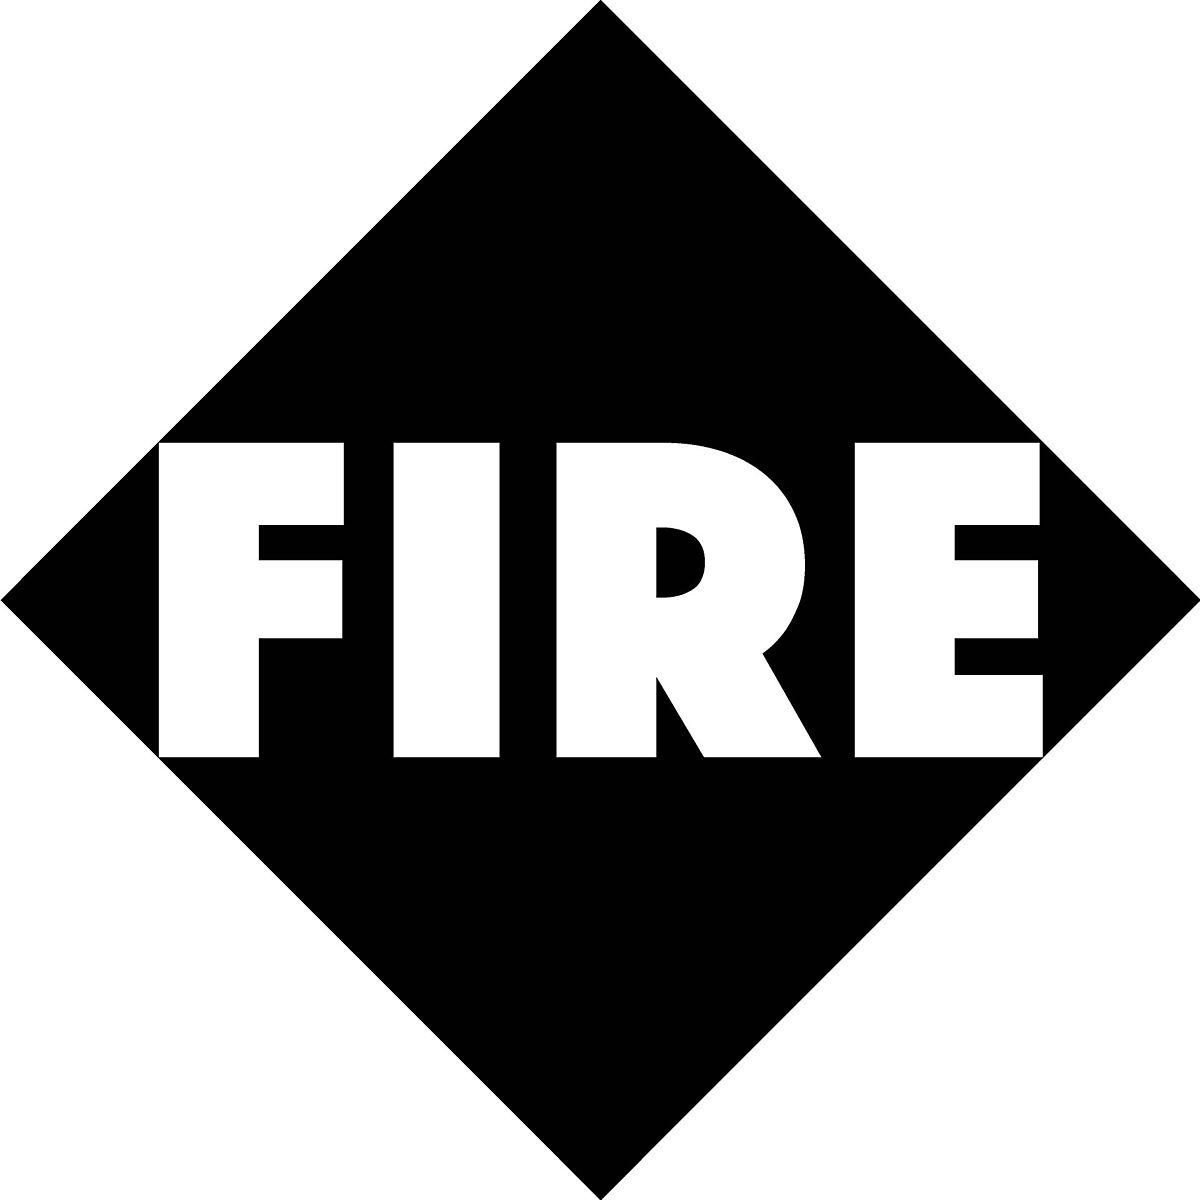 Fire Records (UK) - Wikipedia